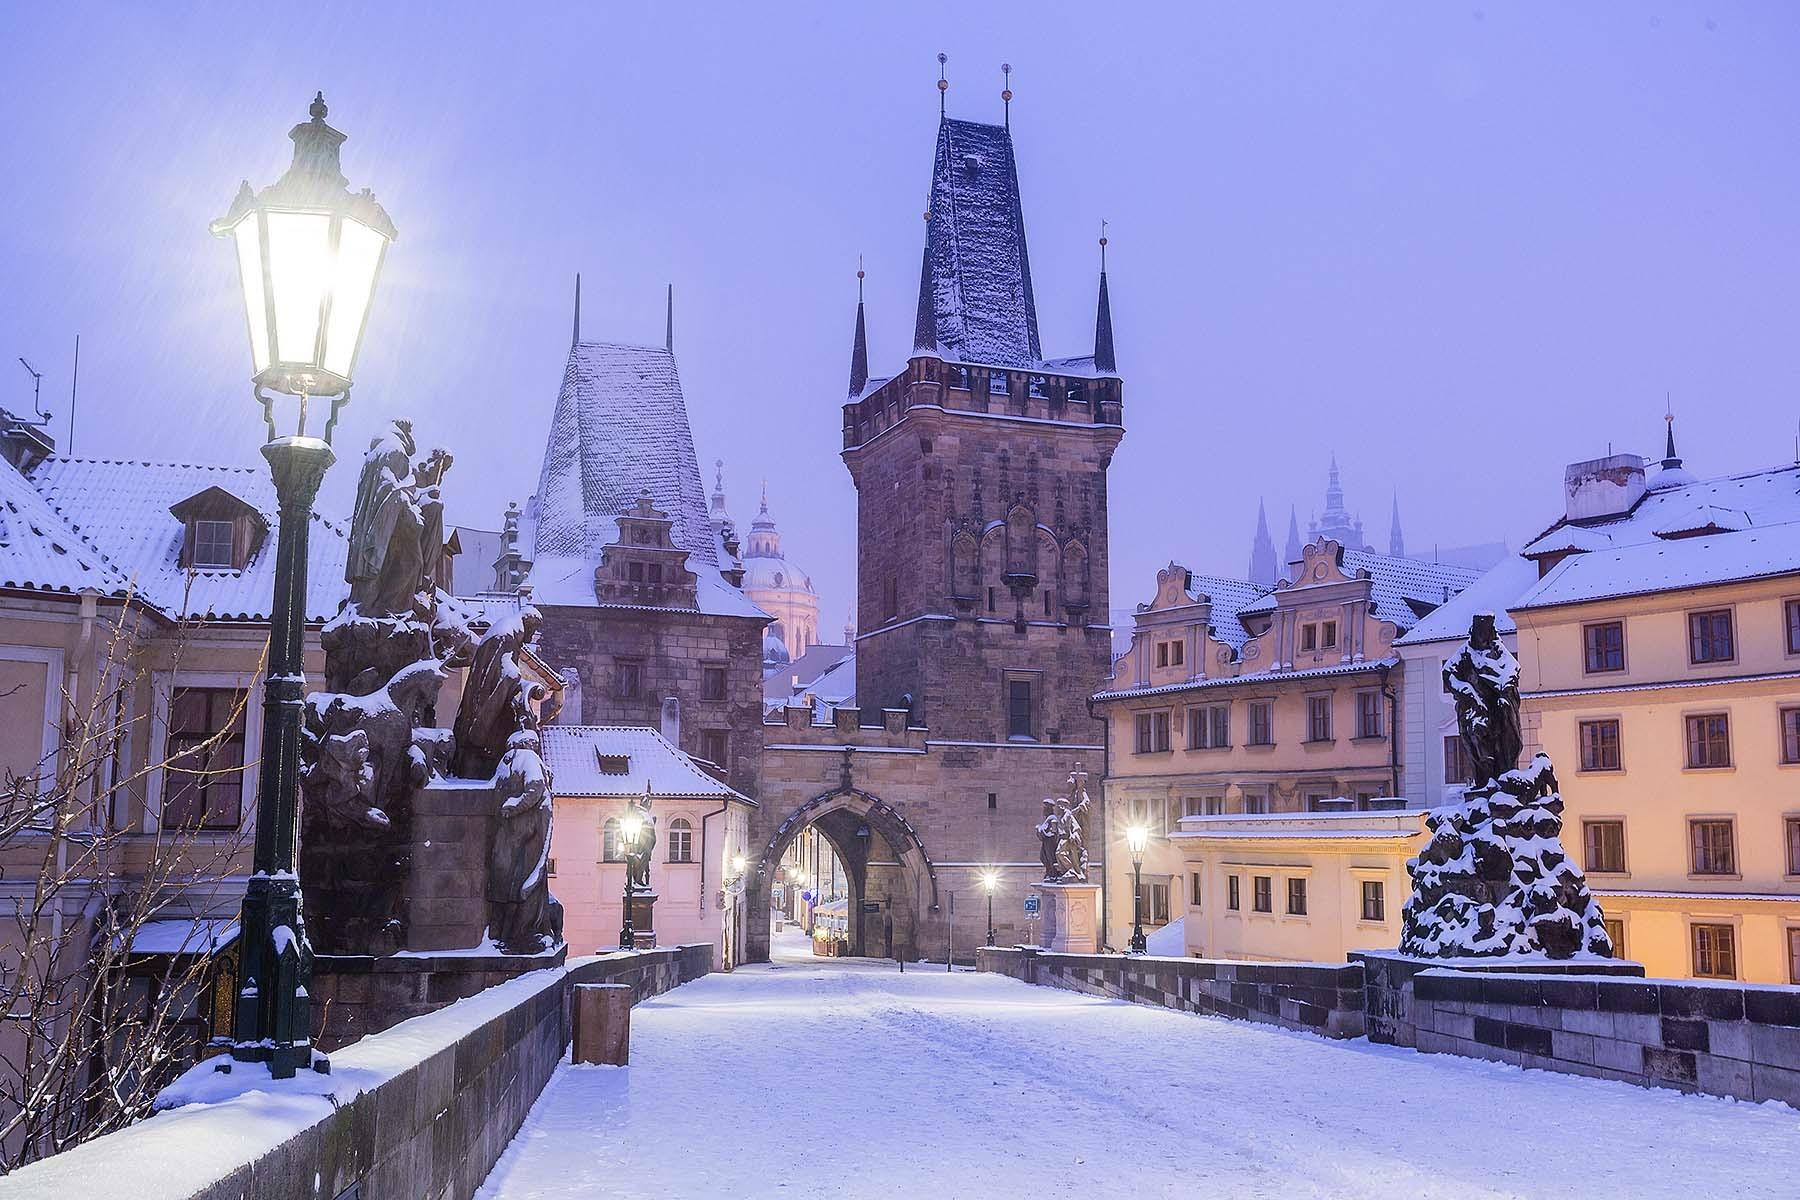 фото туристов прага зимой уссачки